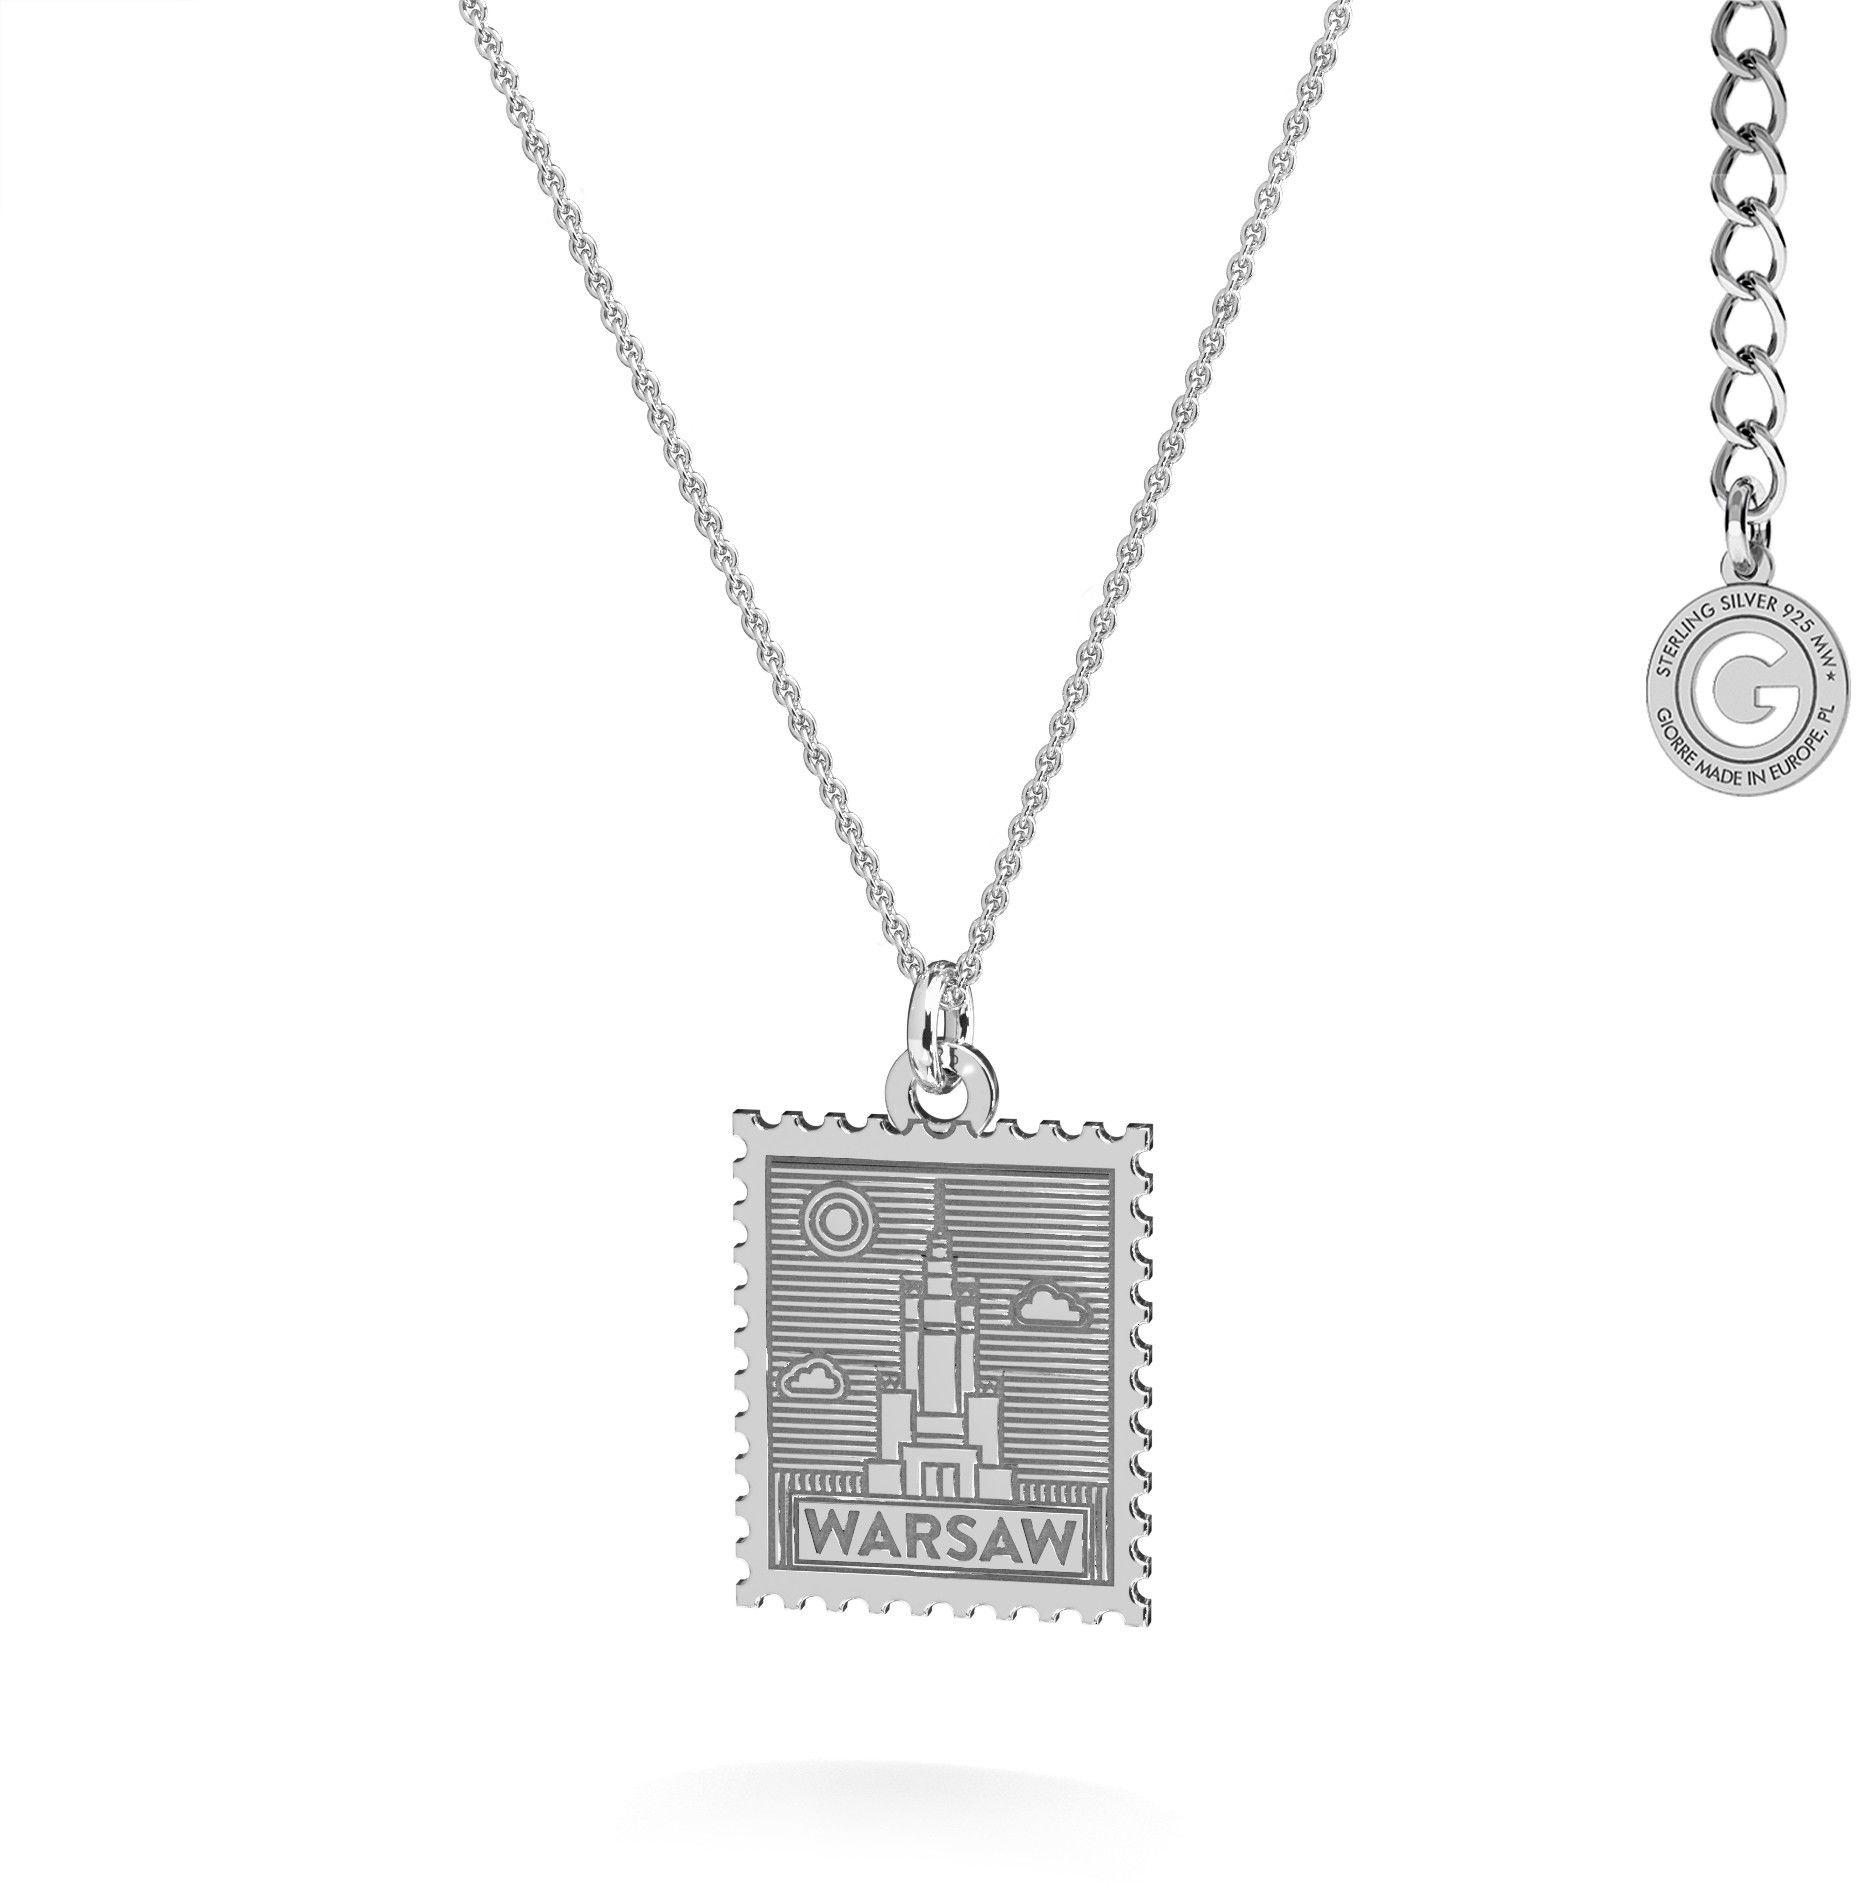 Srebrny naszyjnik znaczek pocztowy z Warszawy, srebro 925 : Srebro - kolor pokrycia - Pokrycie platyną